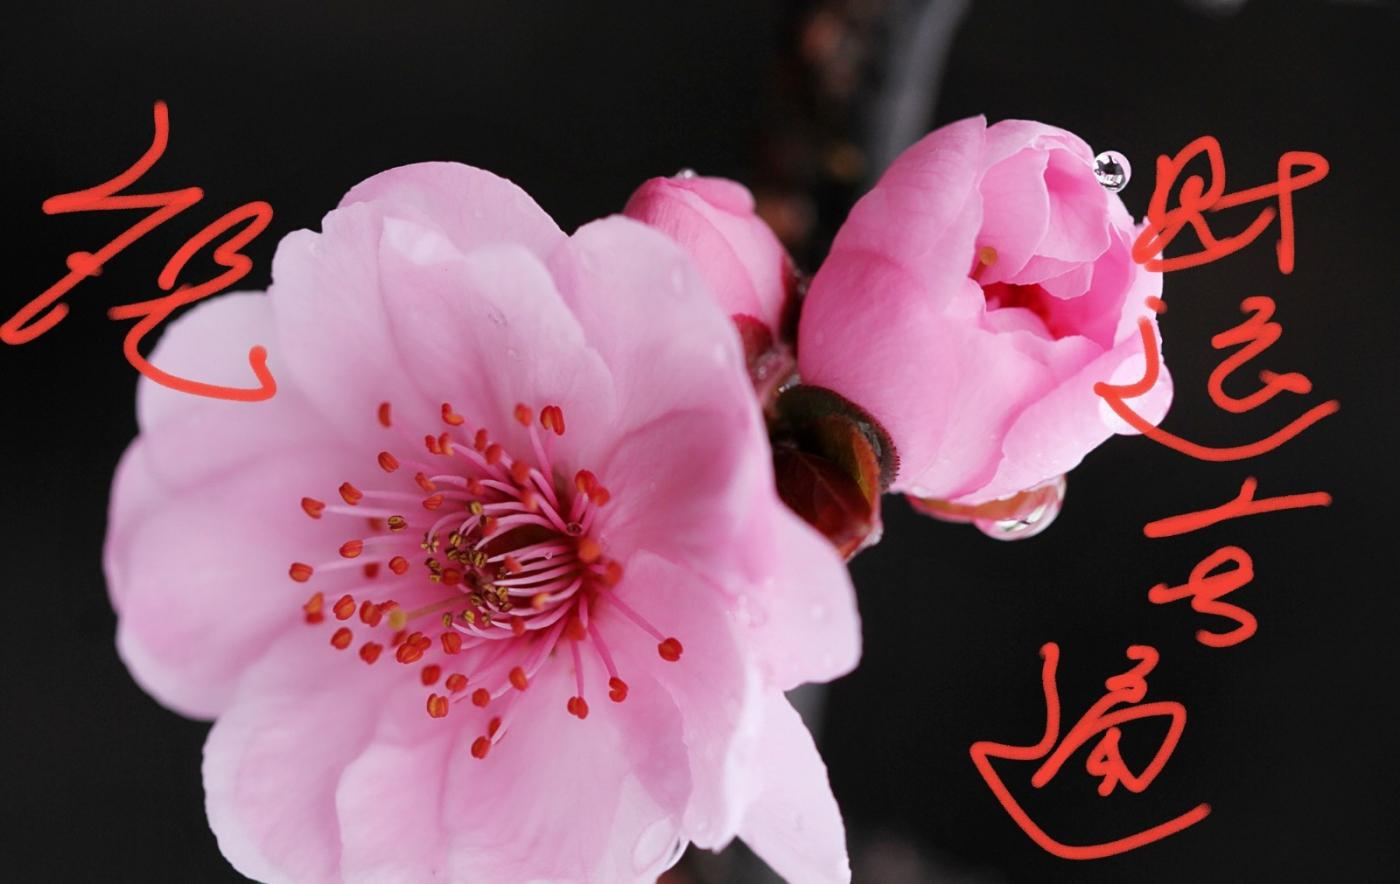 [田螺摄影]把祝福写进花开里 新年好!_图1-5